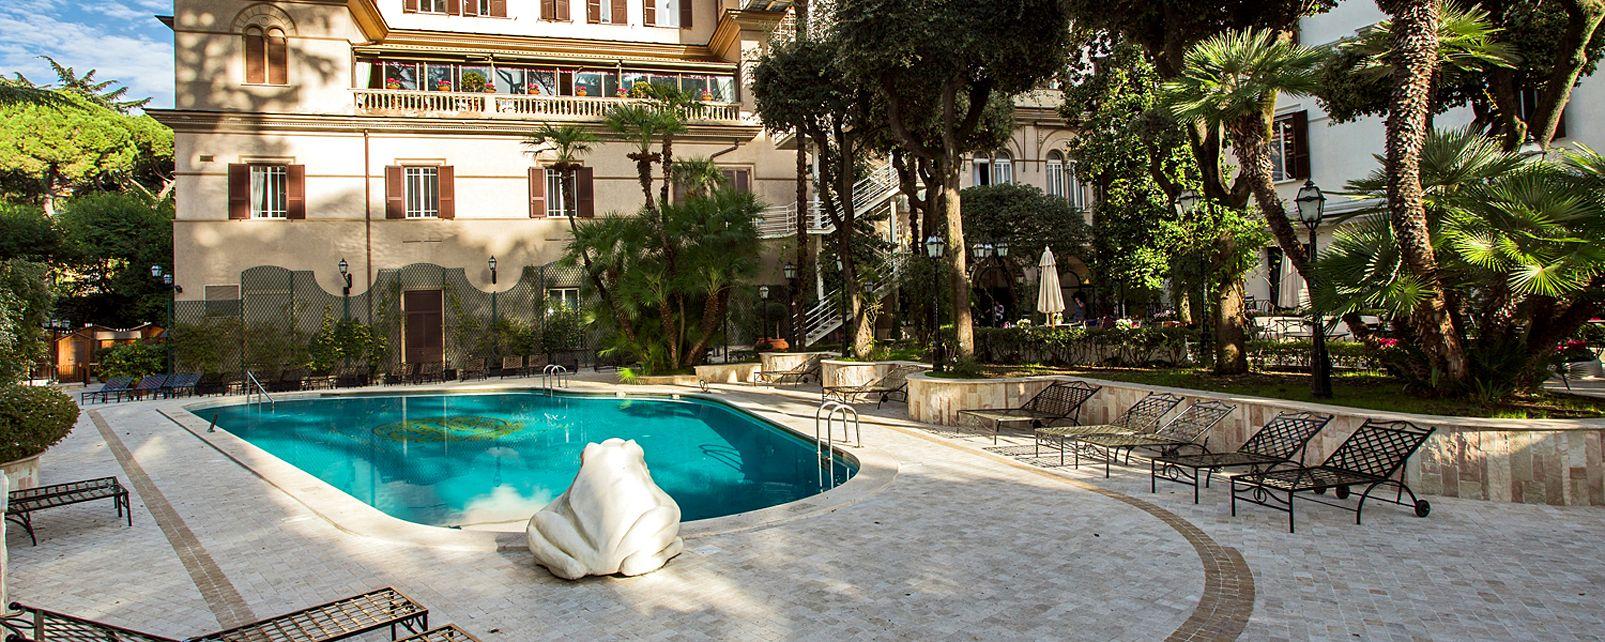 Hôtel Aldrovandi Palace